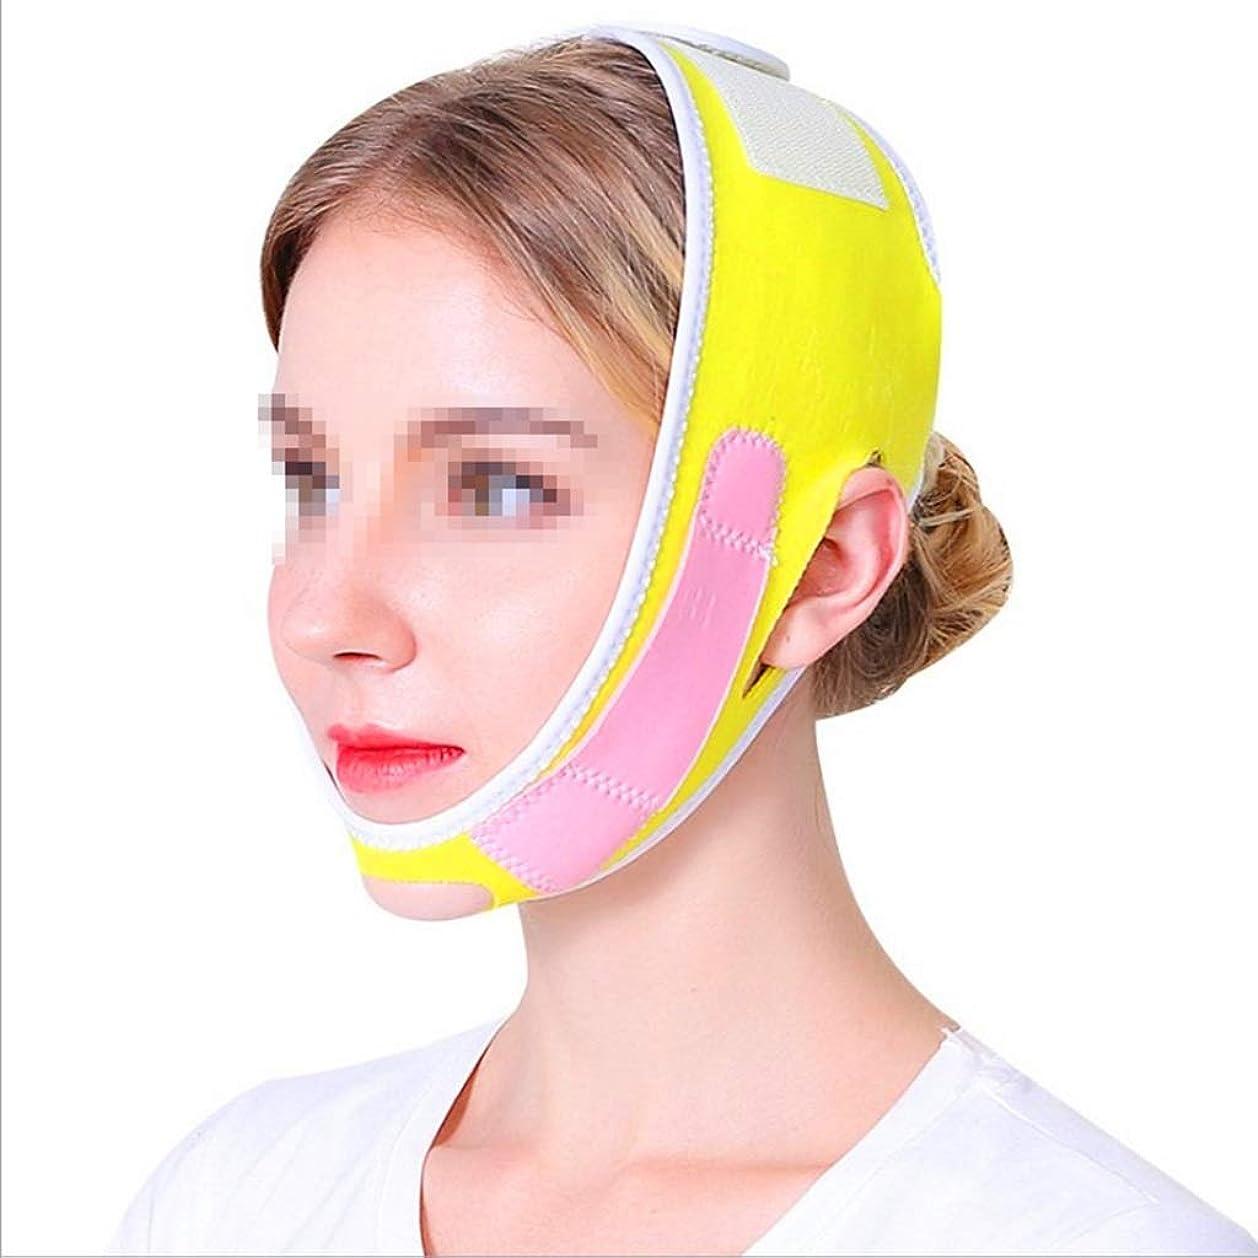 存在また安全性フェイスリフトマスク、Vフェイスフェイシャルリフティング、およびローラインにしっかりと締め付けます二重あごの美容整形包帯マルチカラーオプション(カラー:イエロー),黄